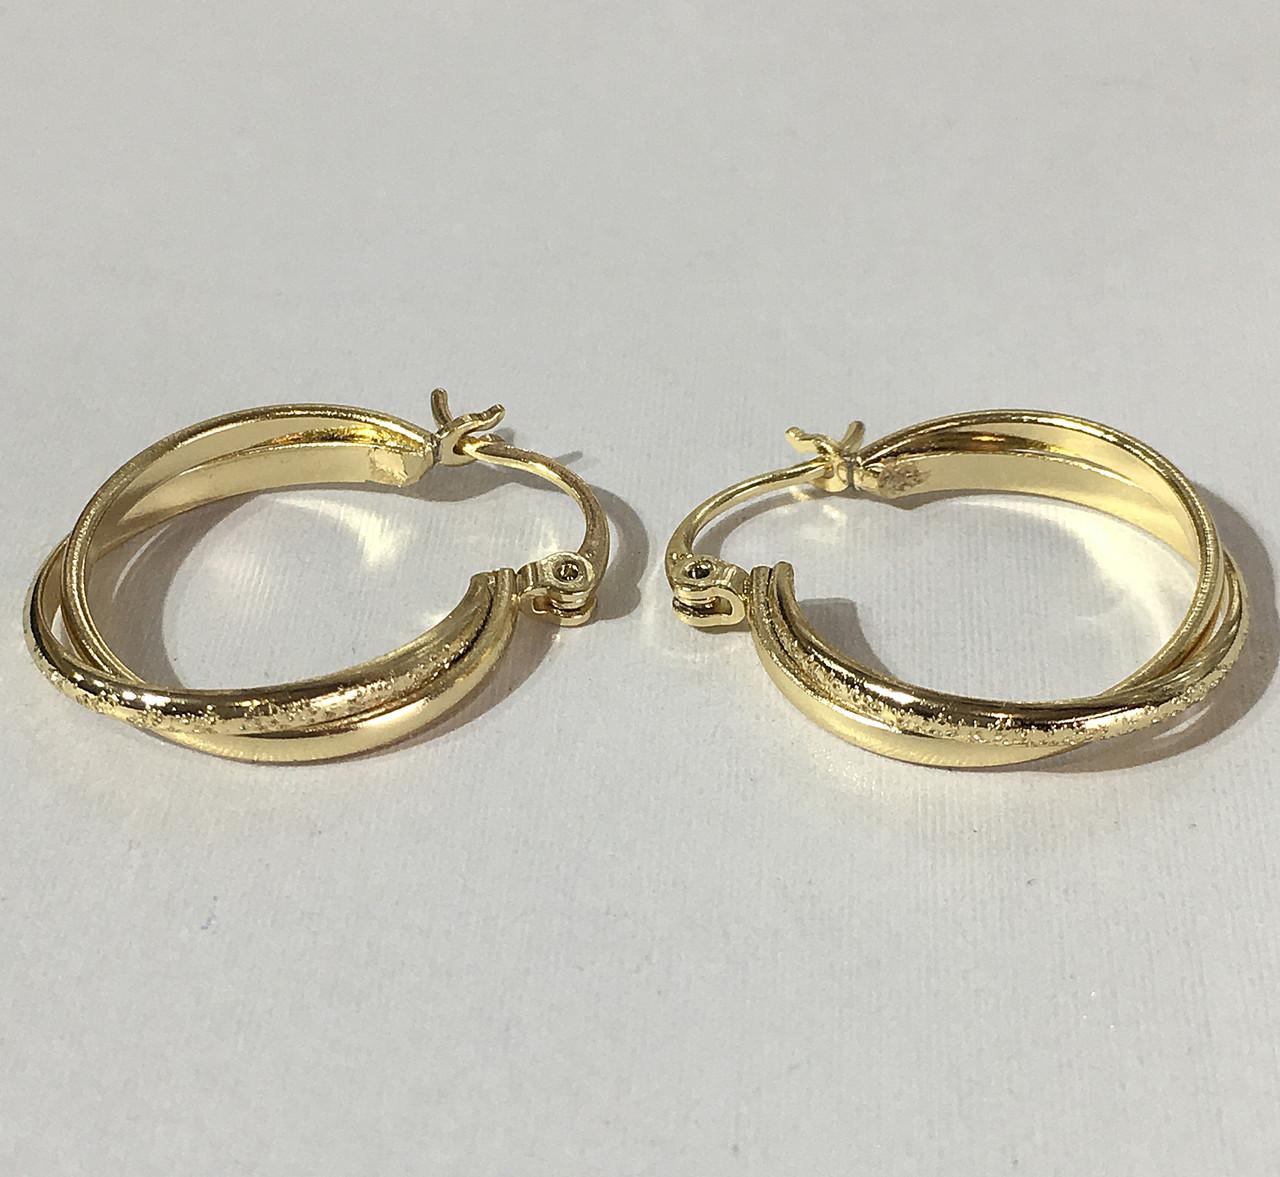 0db7e06f71e2 Серьги кольца ( под европейское золото 750 пробы) - VIkiDIm - Ювелирная  бижутерия оптом и